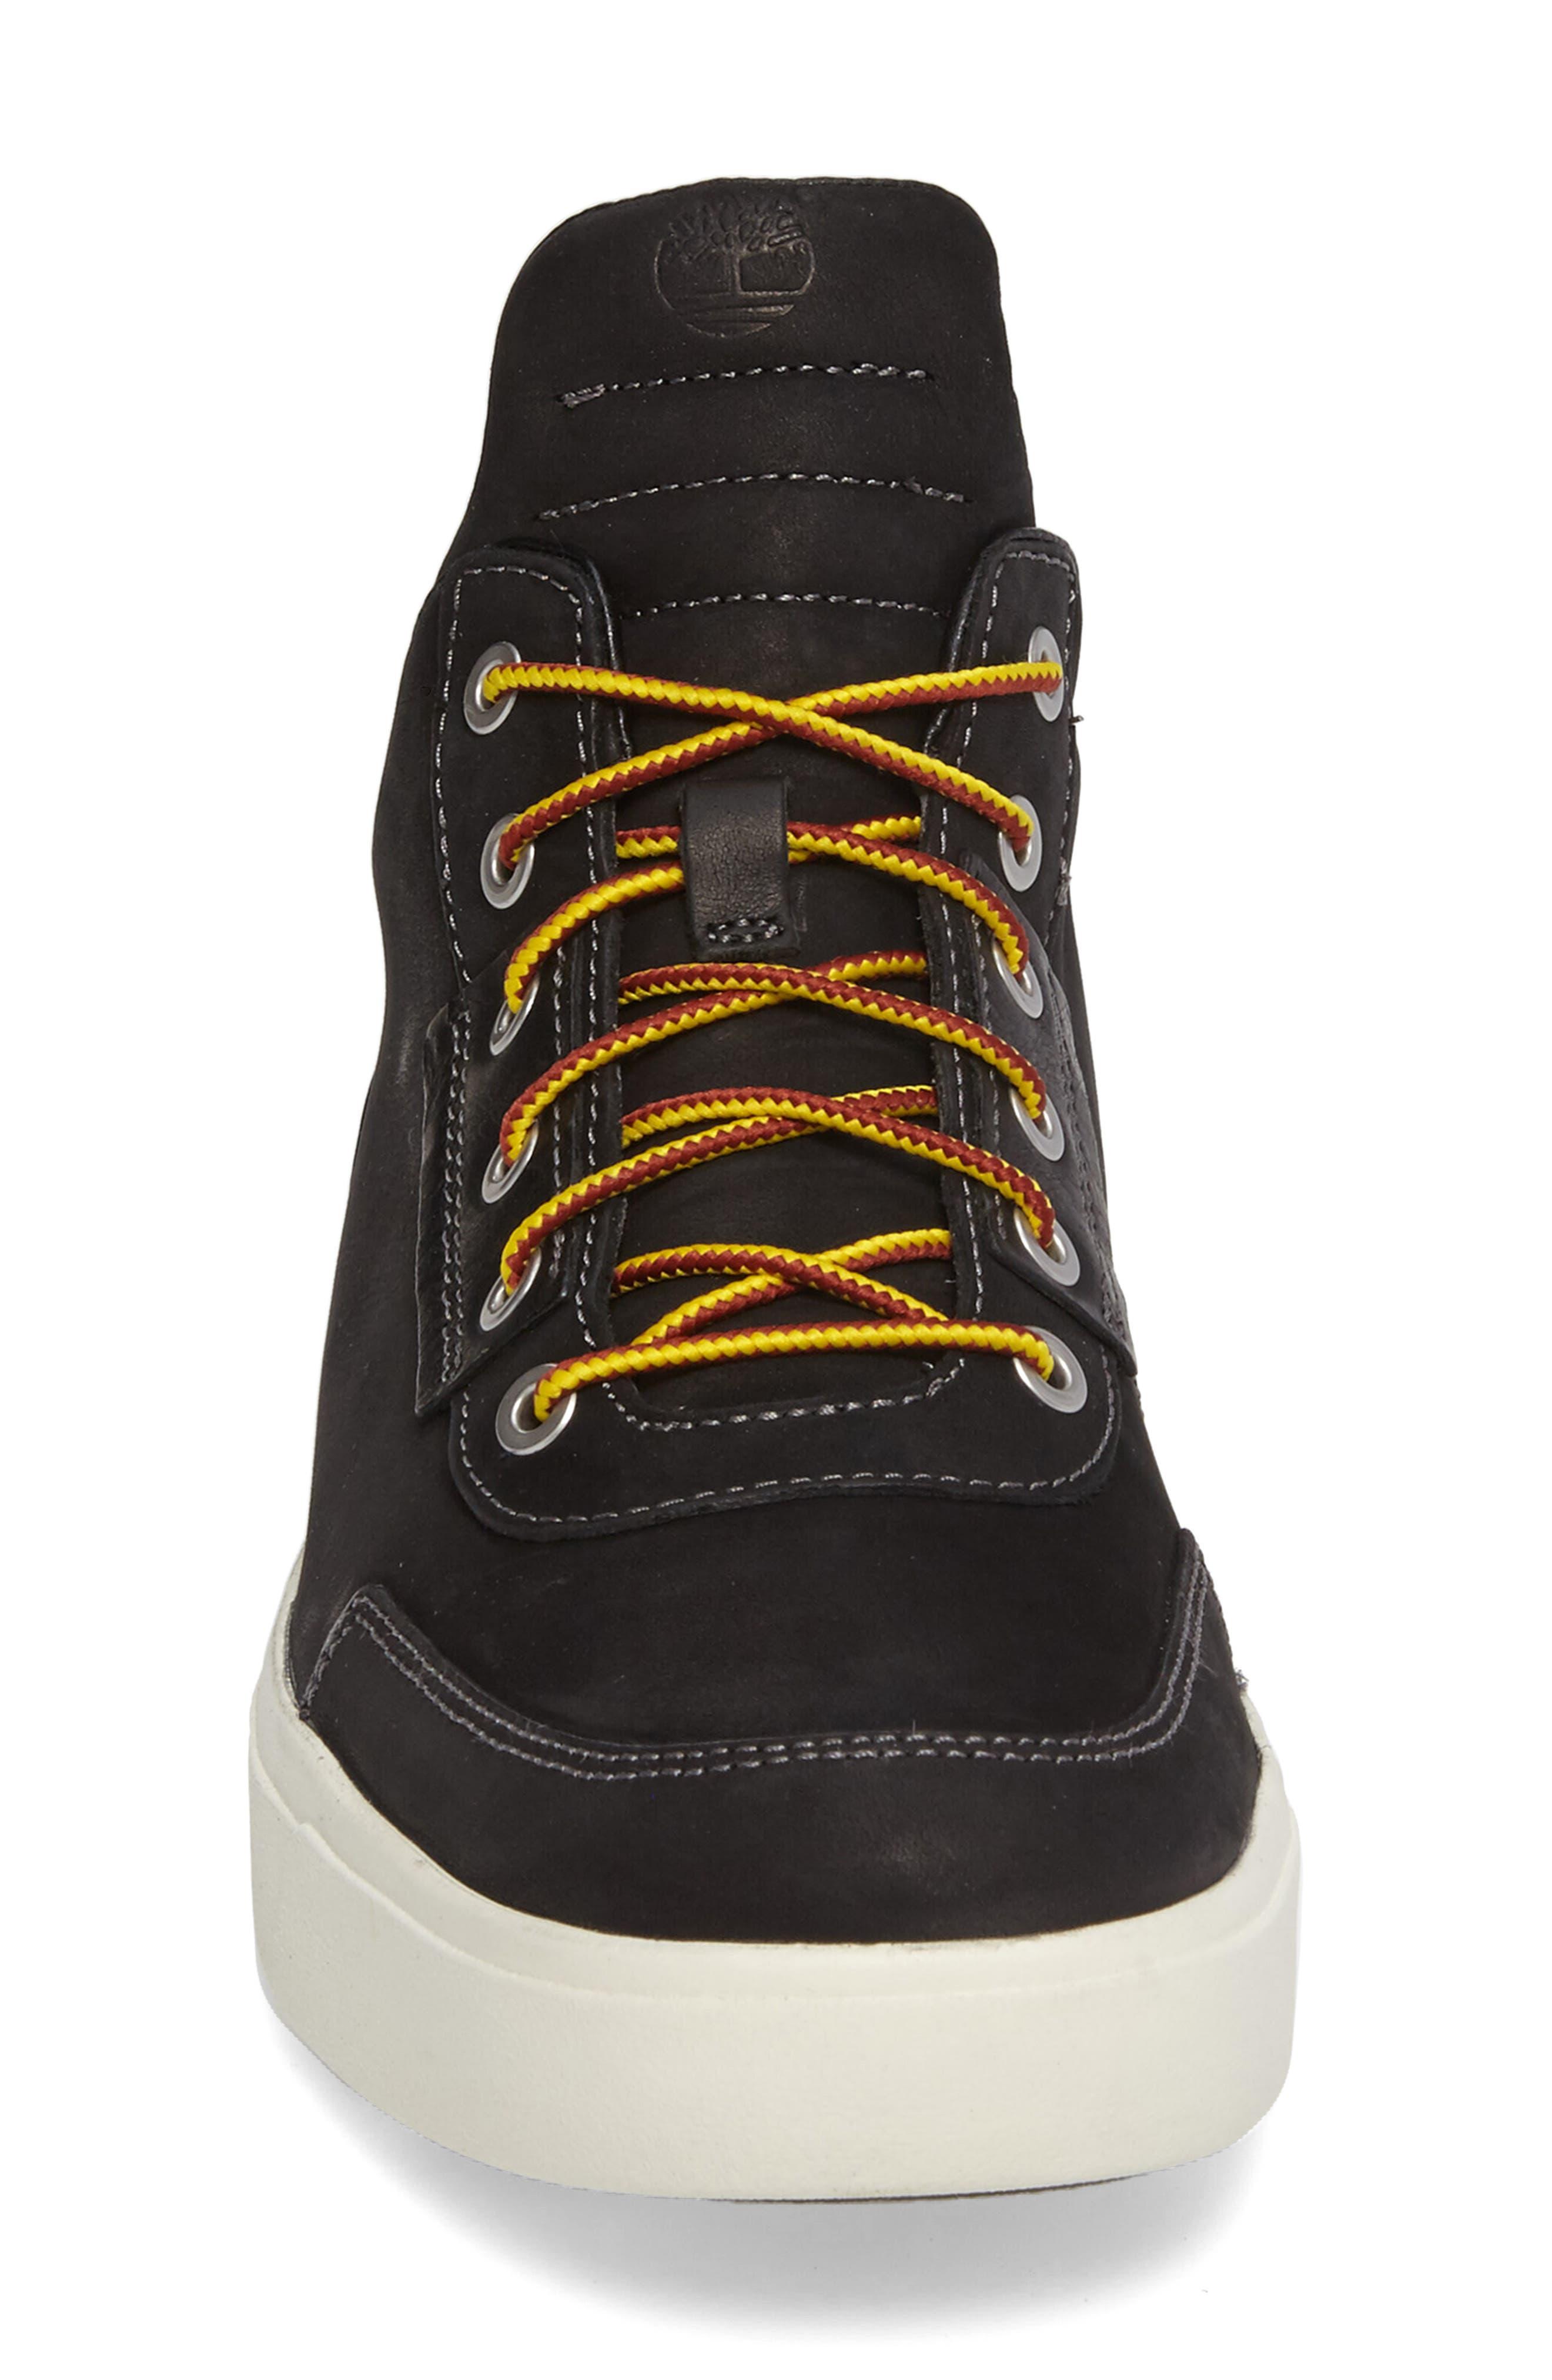 Amherst Chukka Sneaker,                             Alternate thumbnail 3, color,                             001